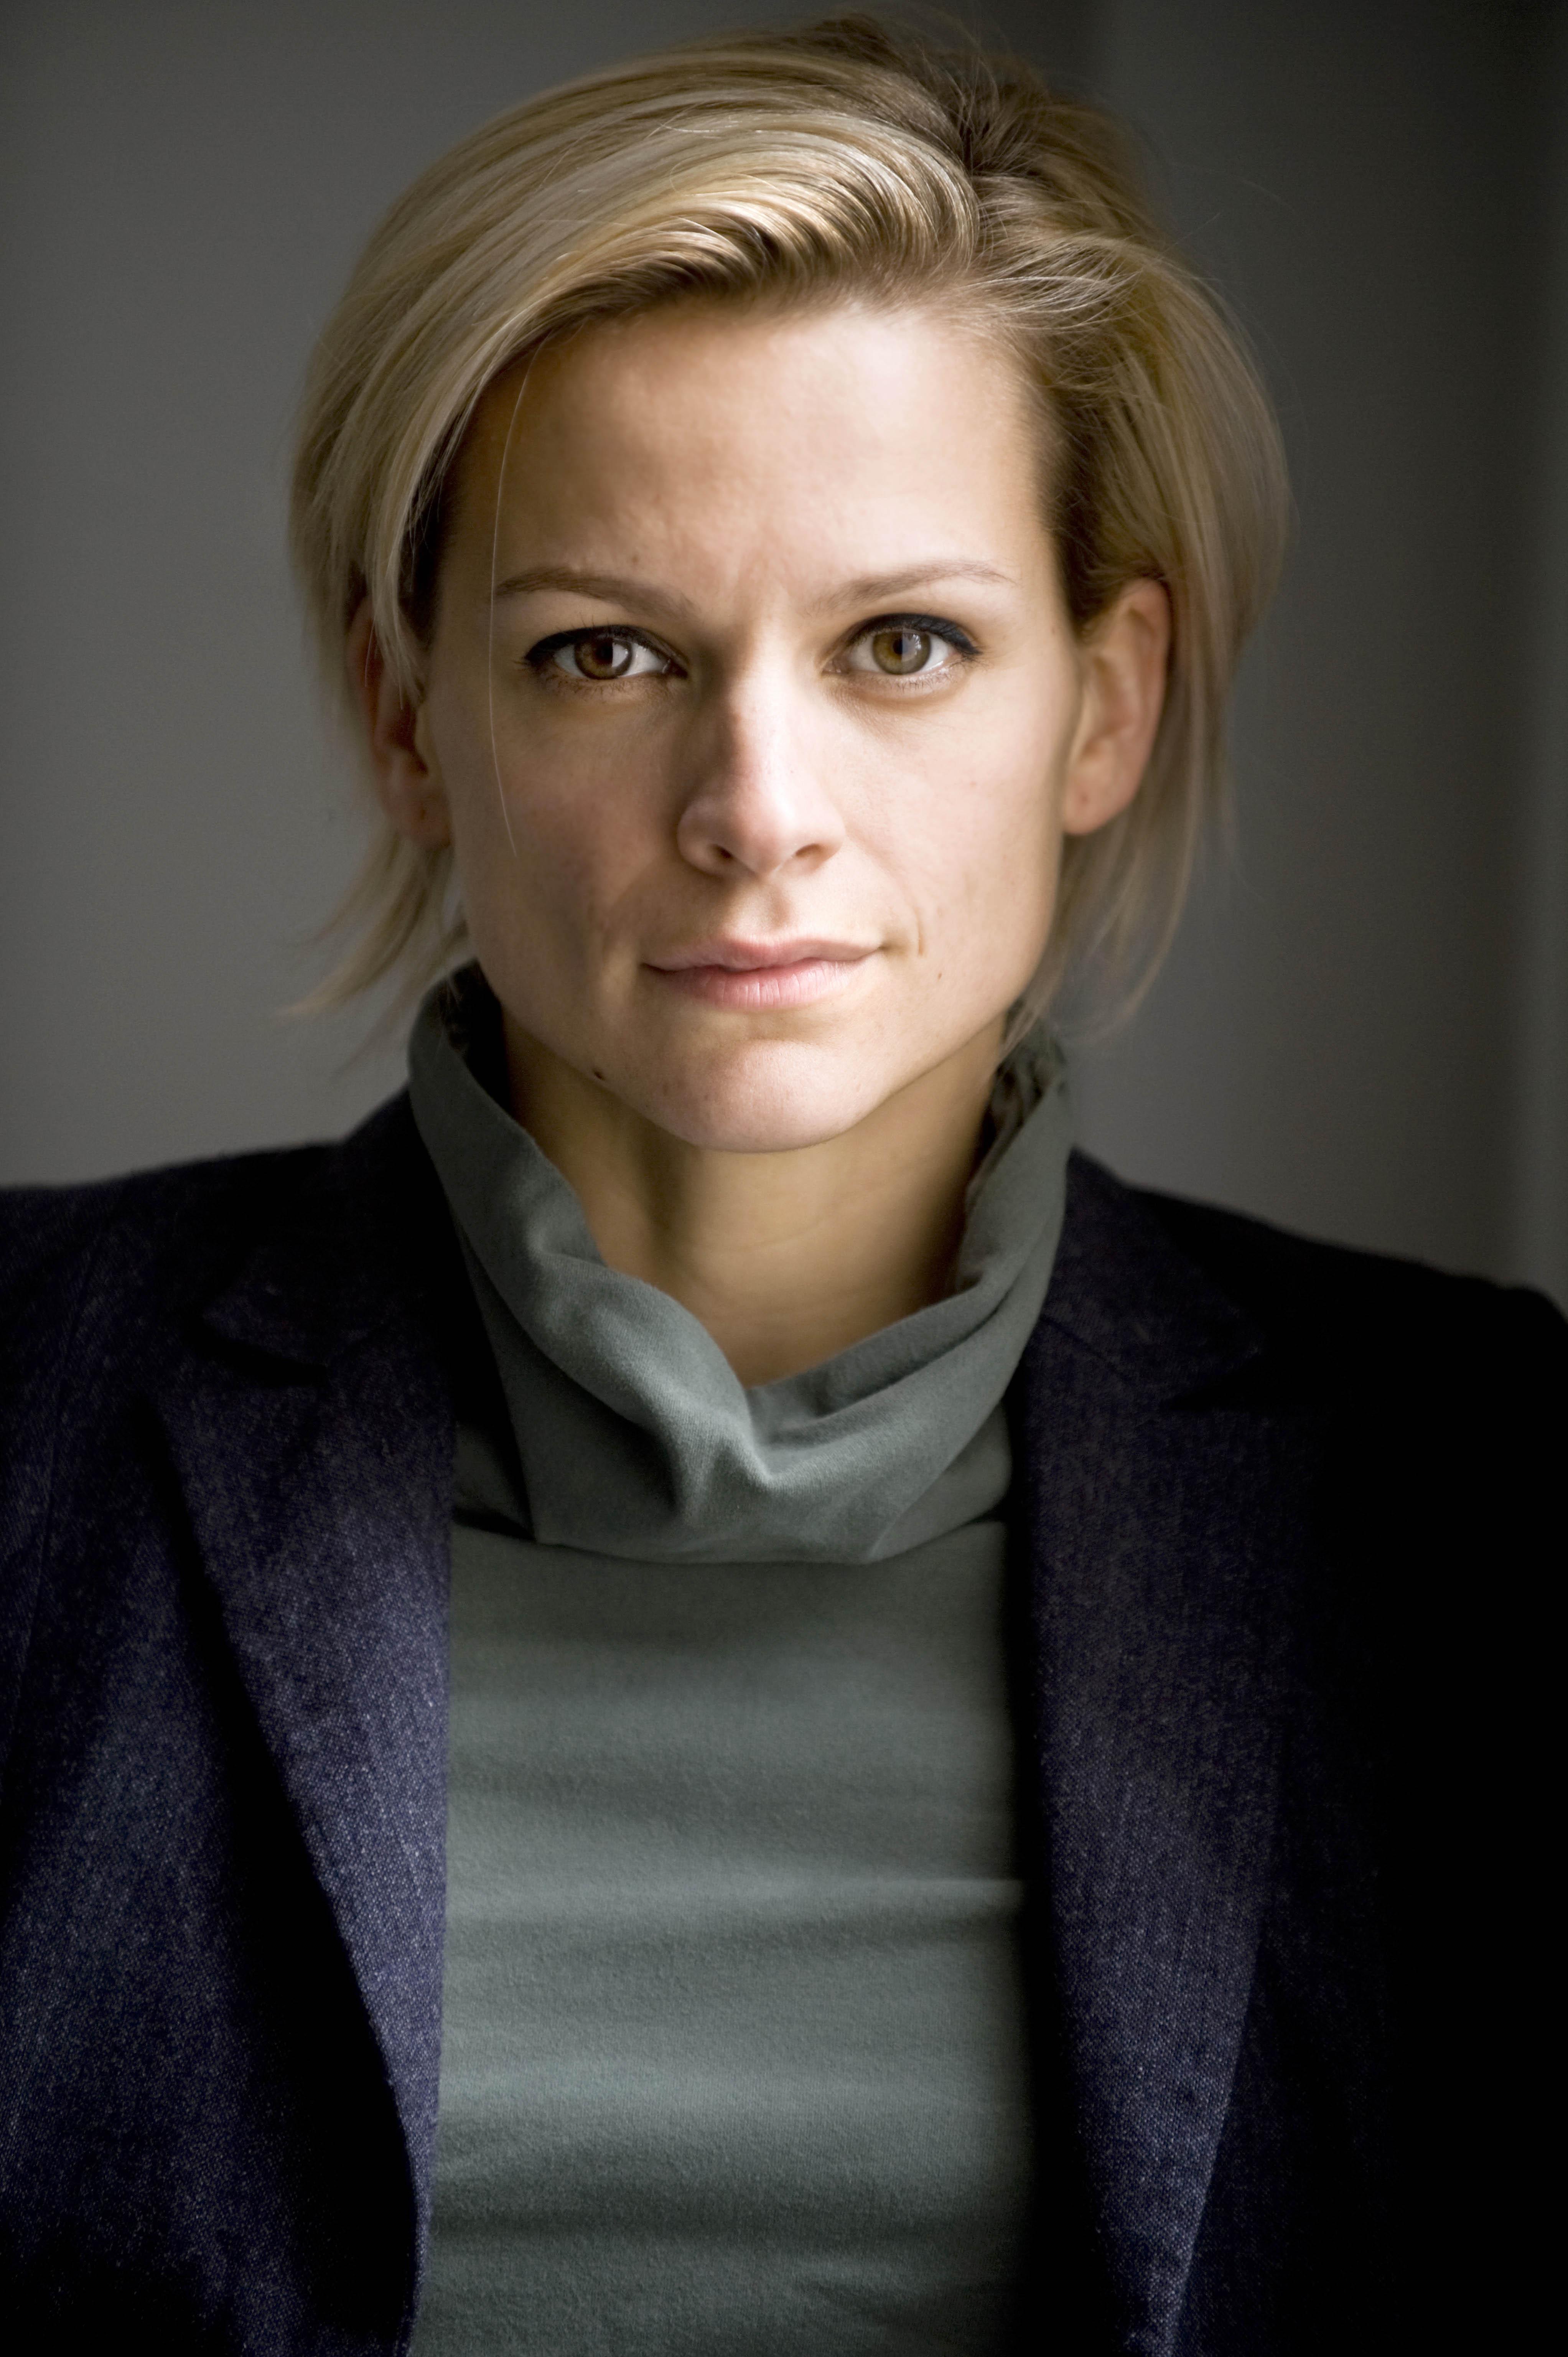 Valerie Maes